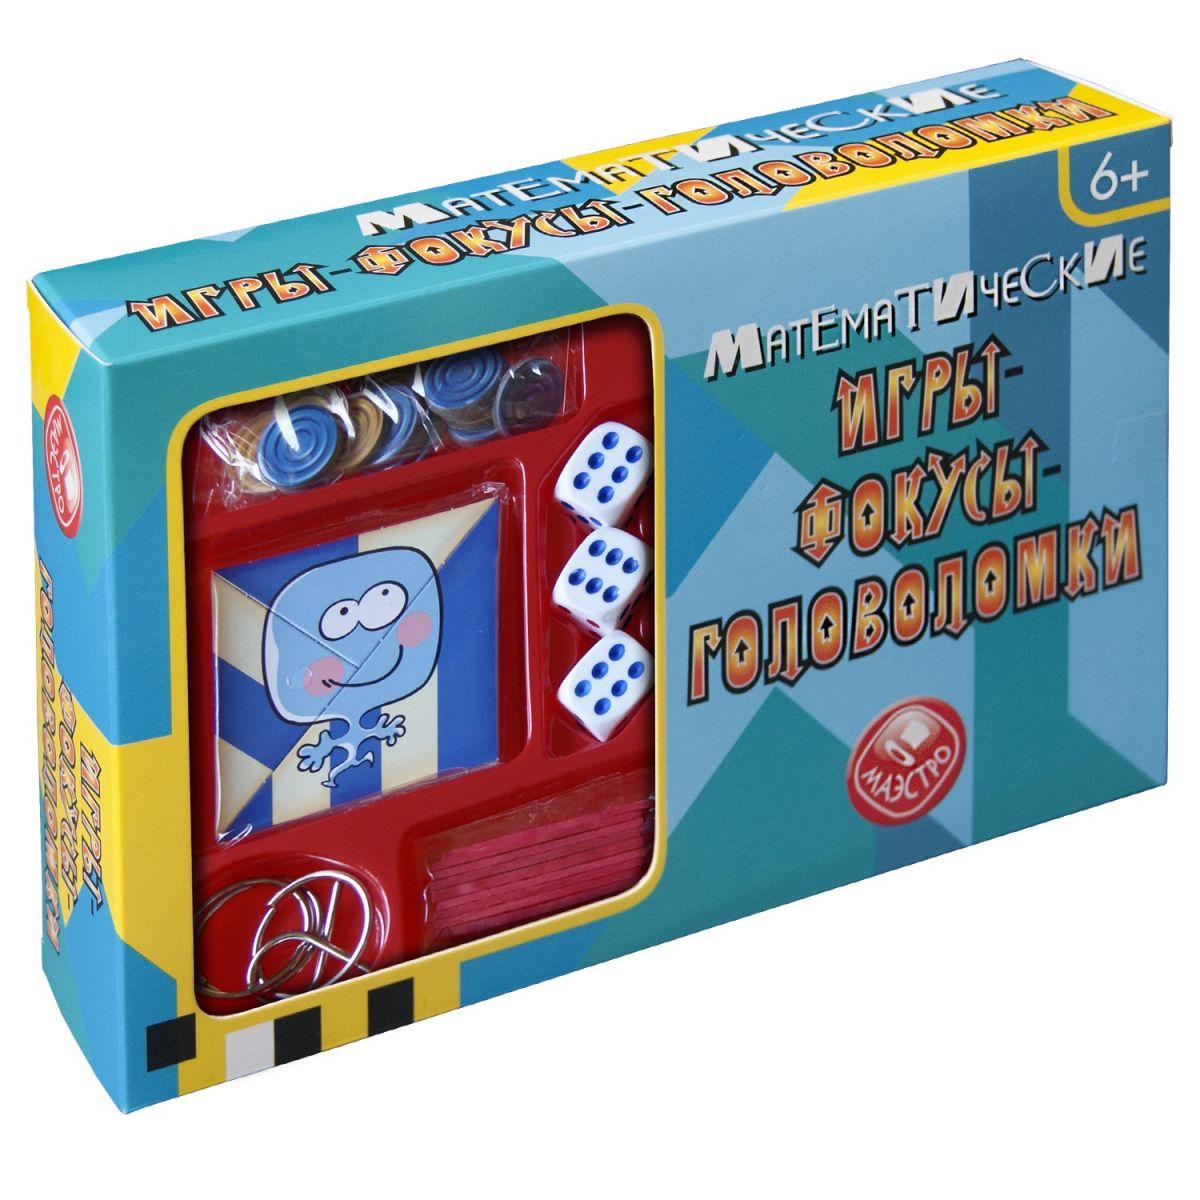 Игра Набор Математические игры-фокусы-головоломки